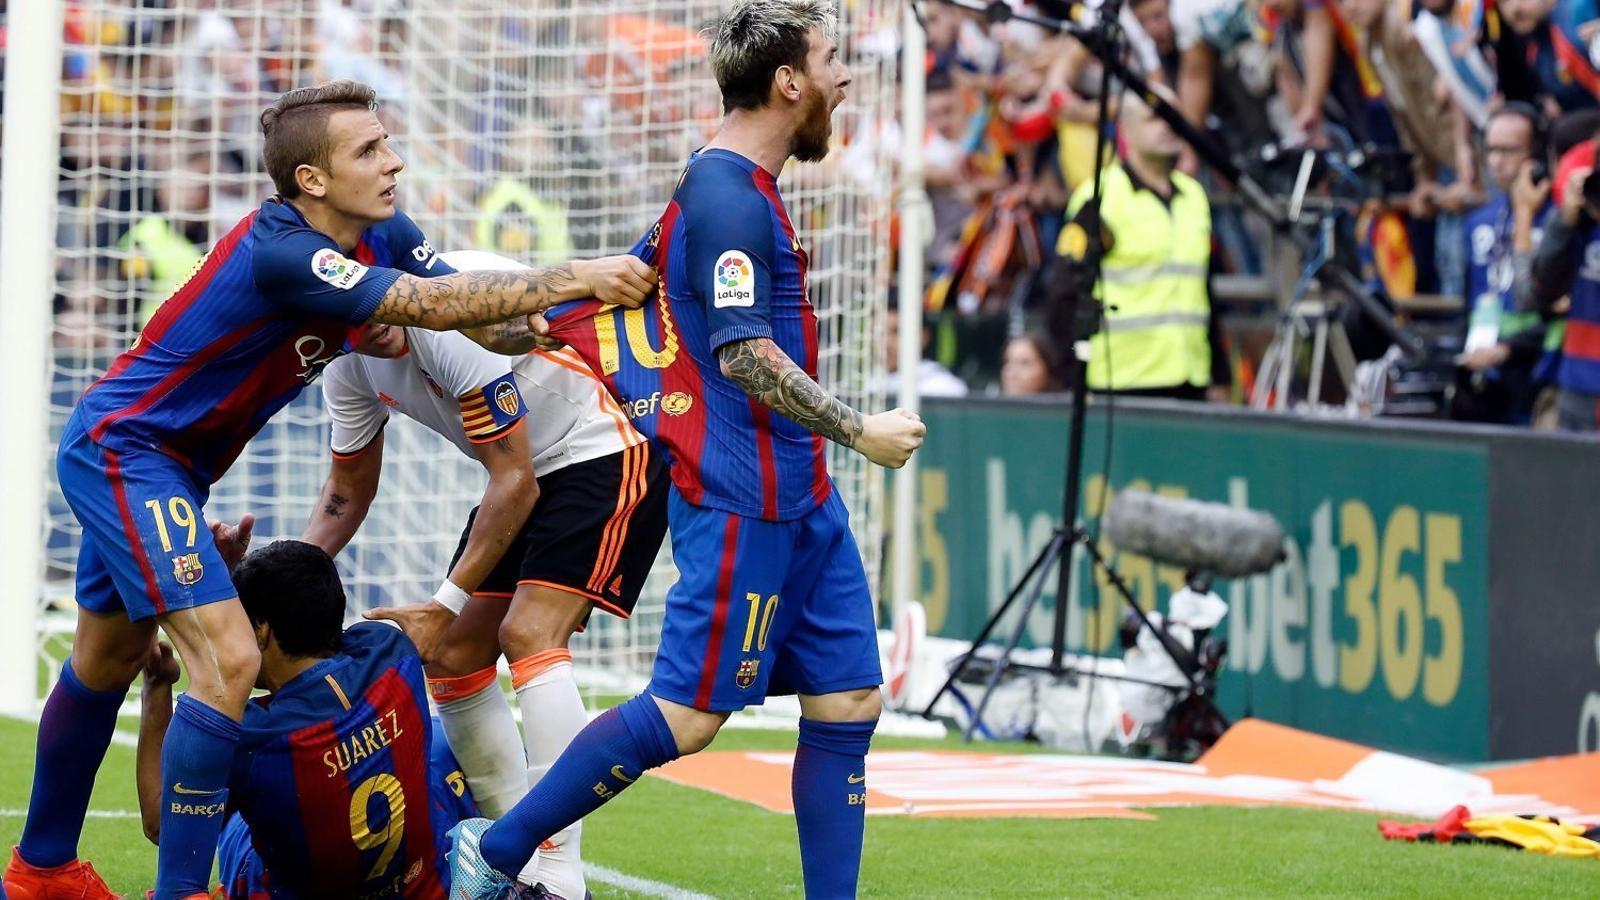 Després de veure el llançament d'una ampolla, Leo Messi celebra amb ràbia el seu gol de penal.